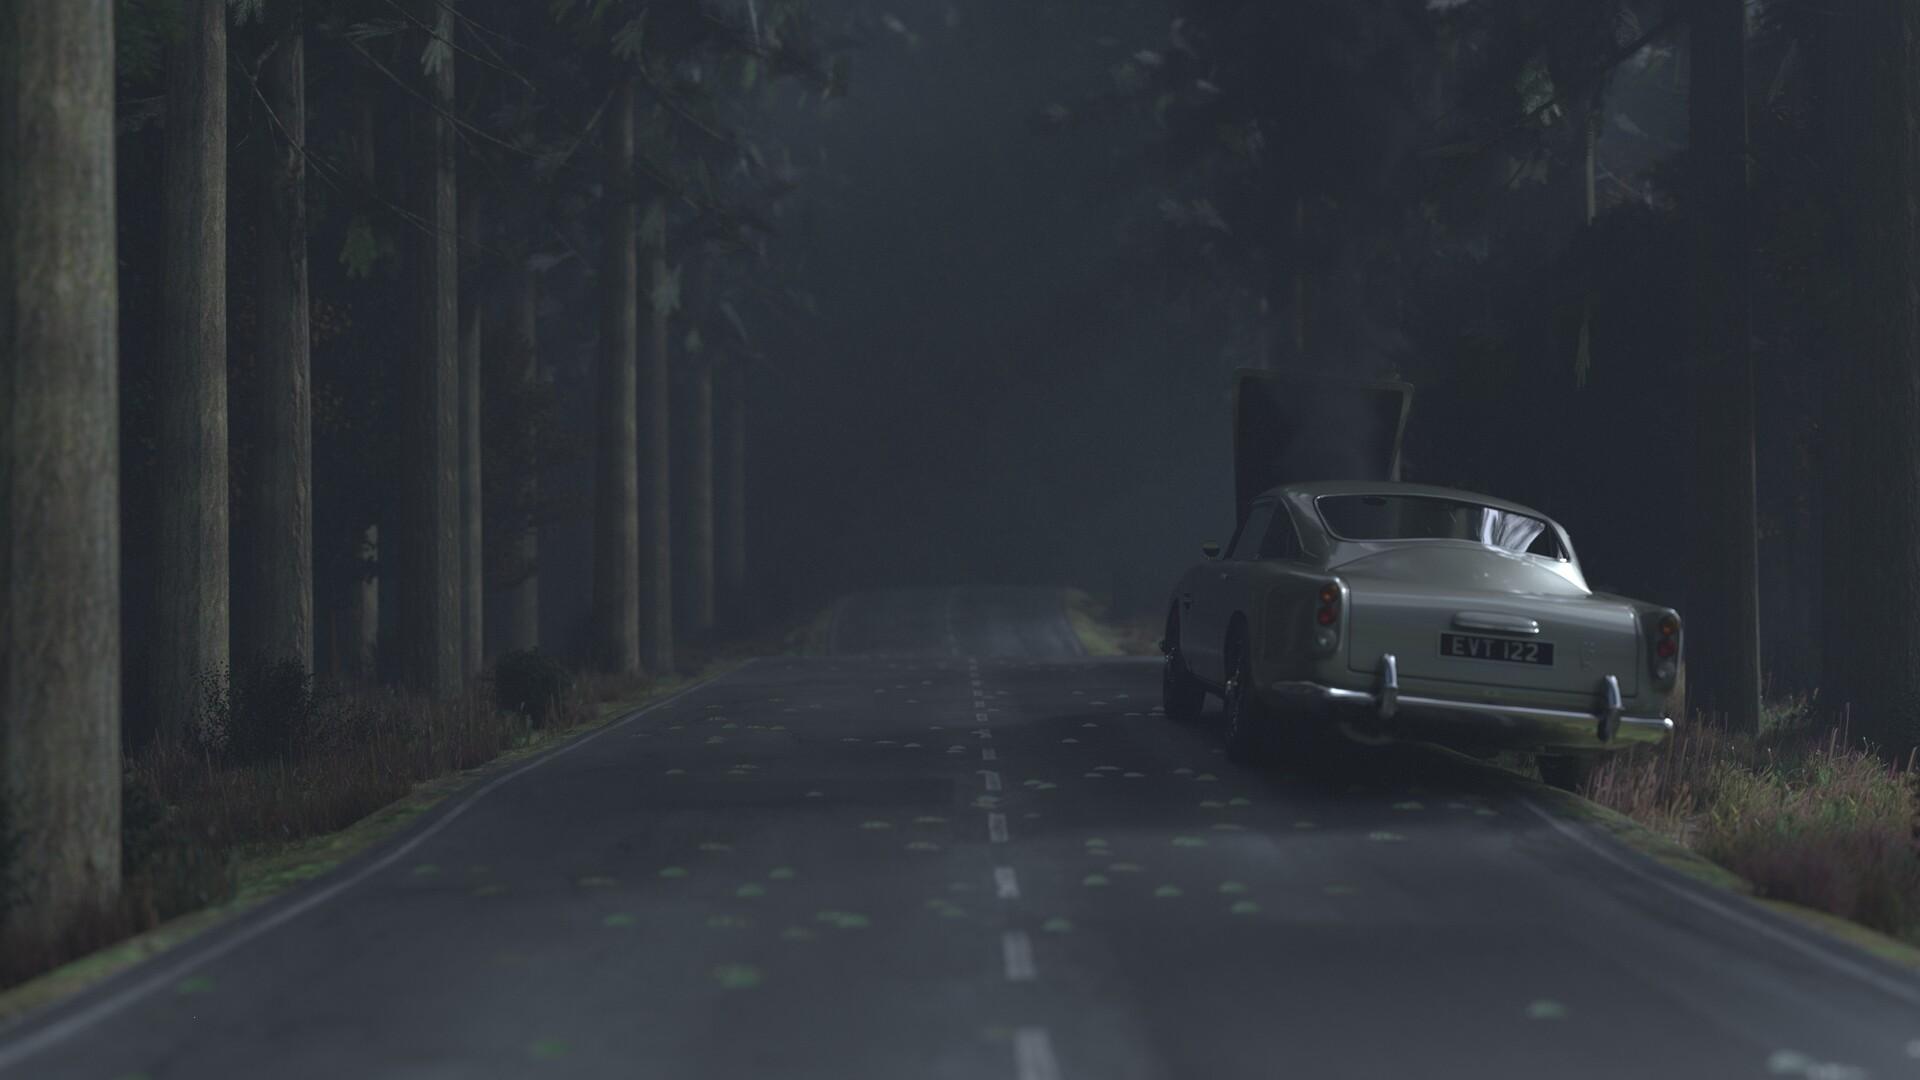 Ruslan Regibayev - Forrest highway accident